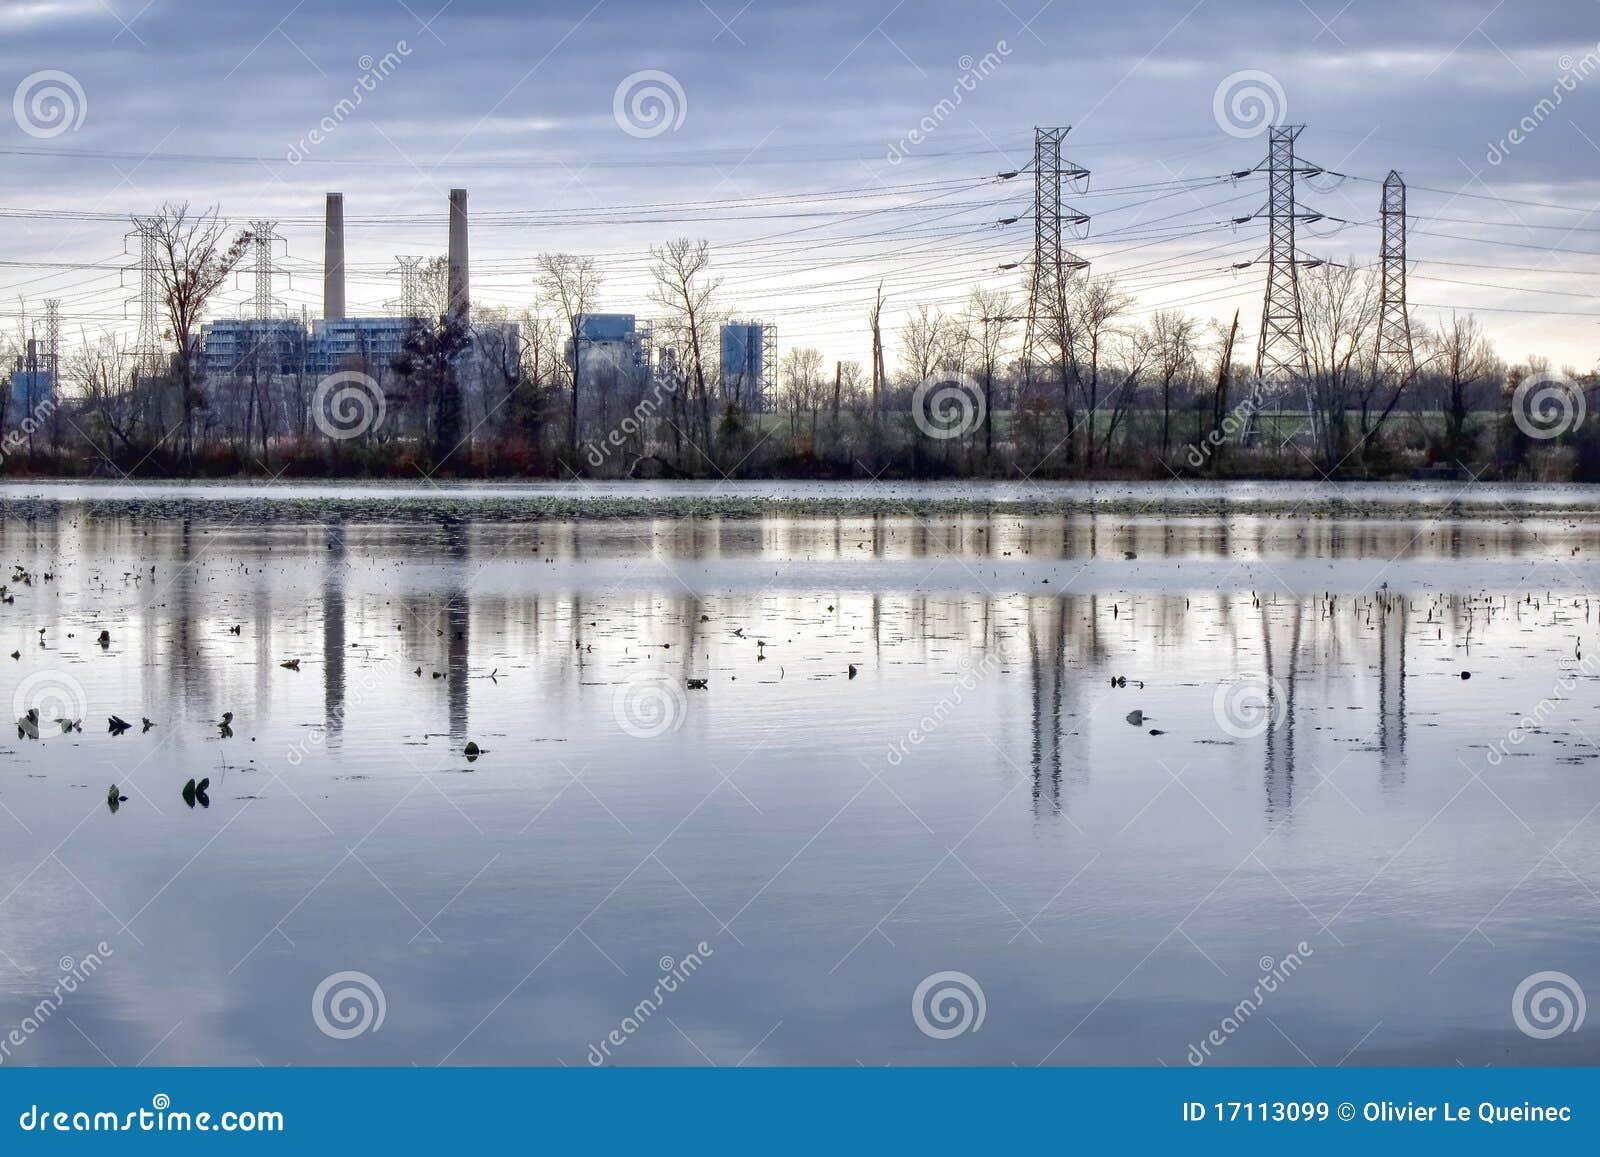 Central eléctrica y líneas eléctricas eléctricas de la transmisión